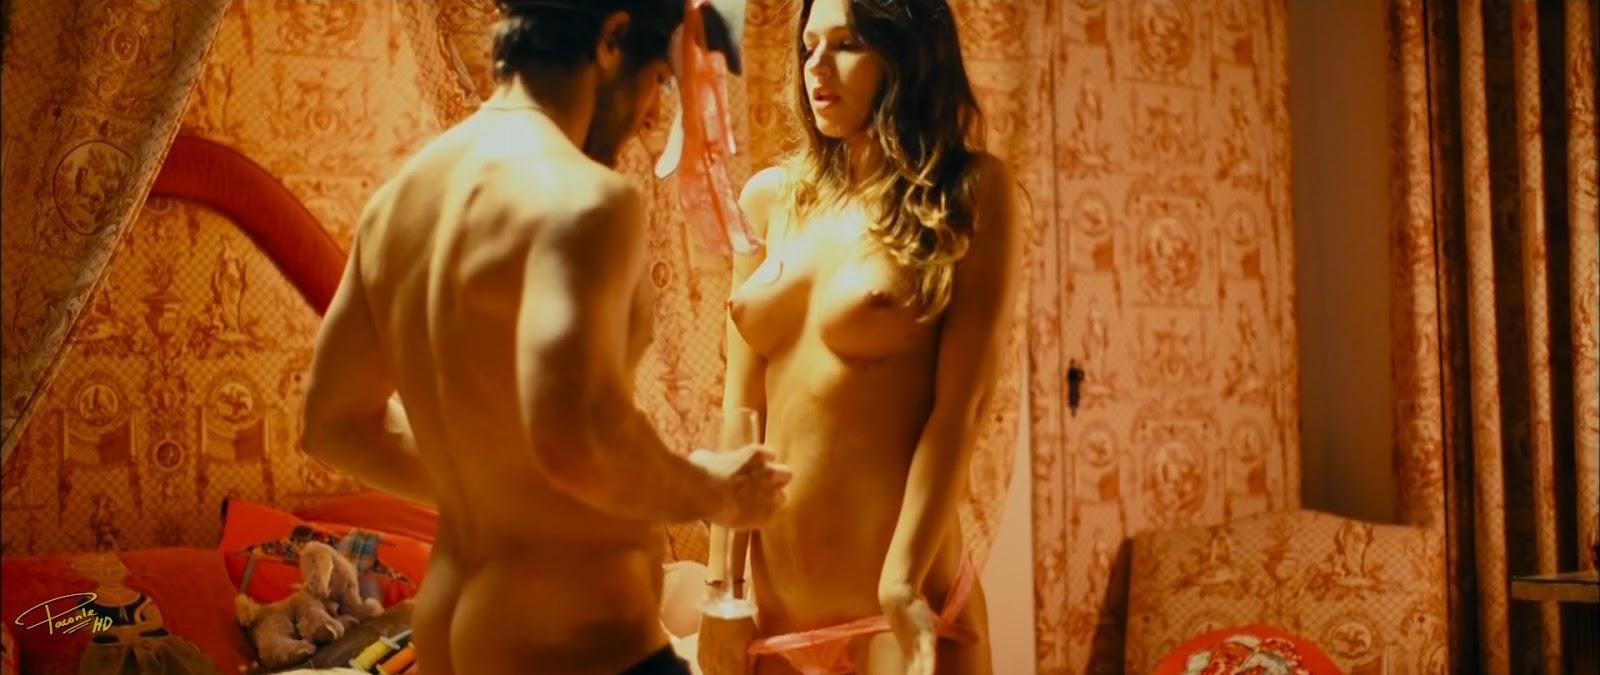 Aida folch nude fin de curso - 2 part 6